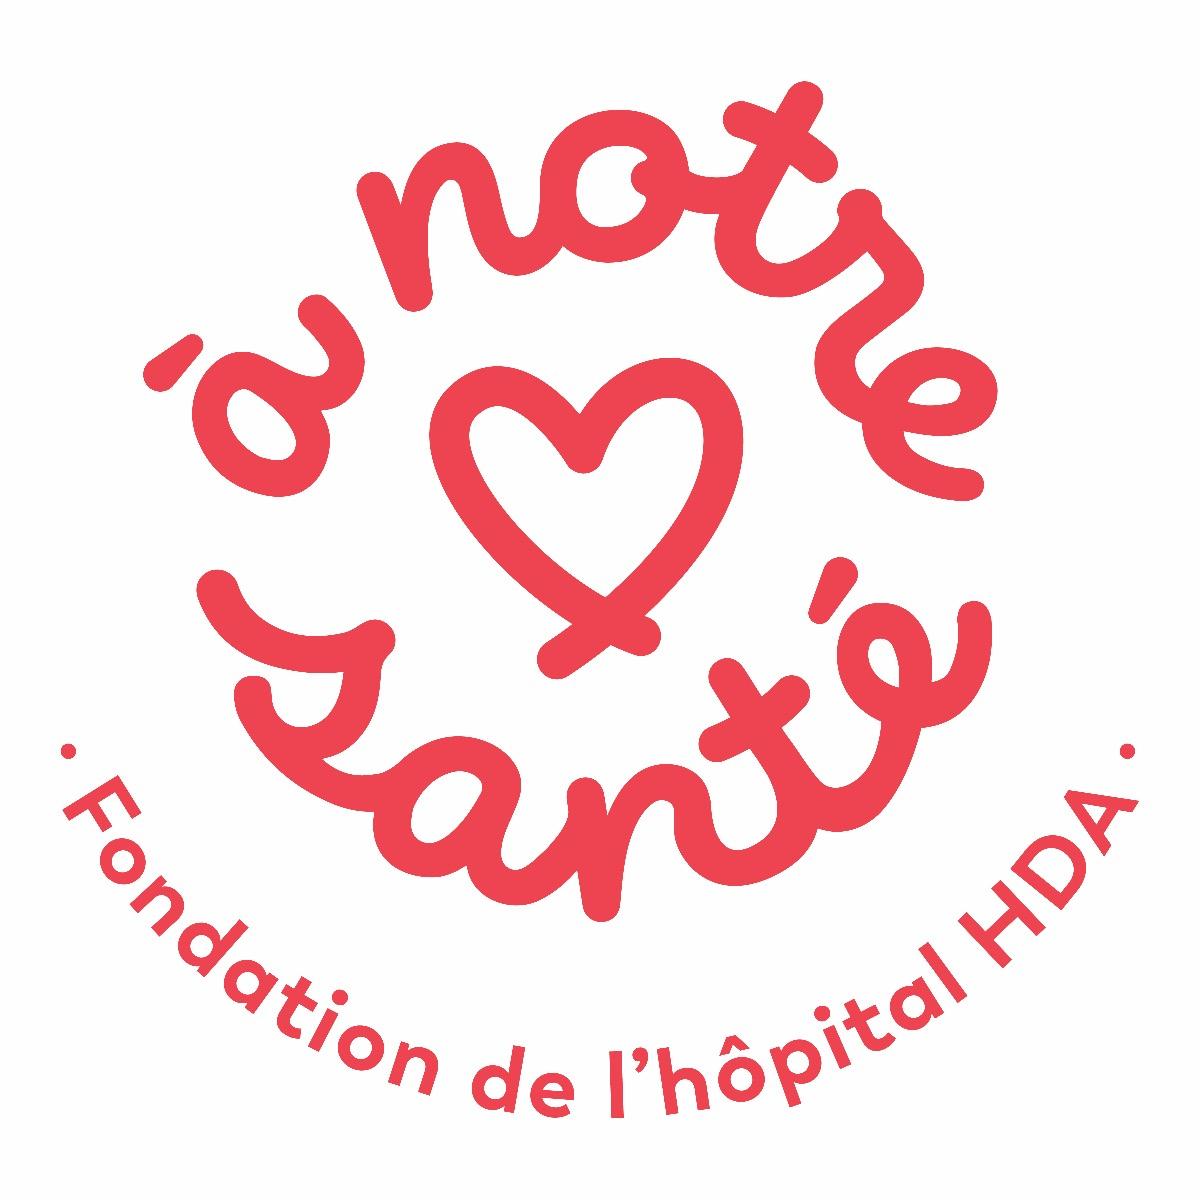 Fondation Hôtel Dieu